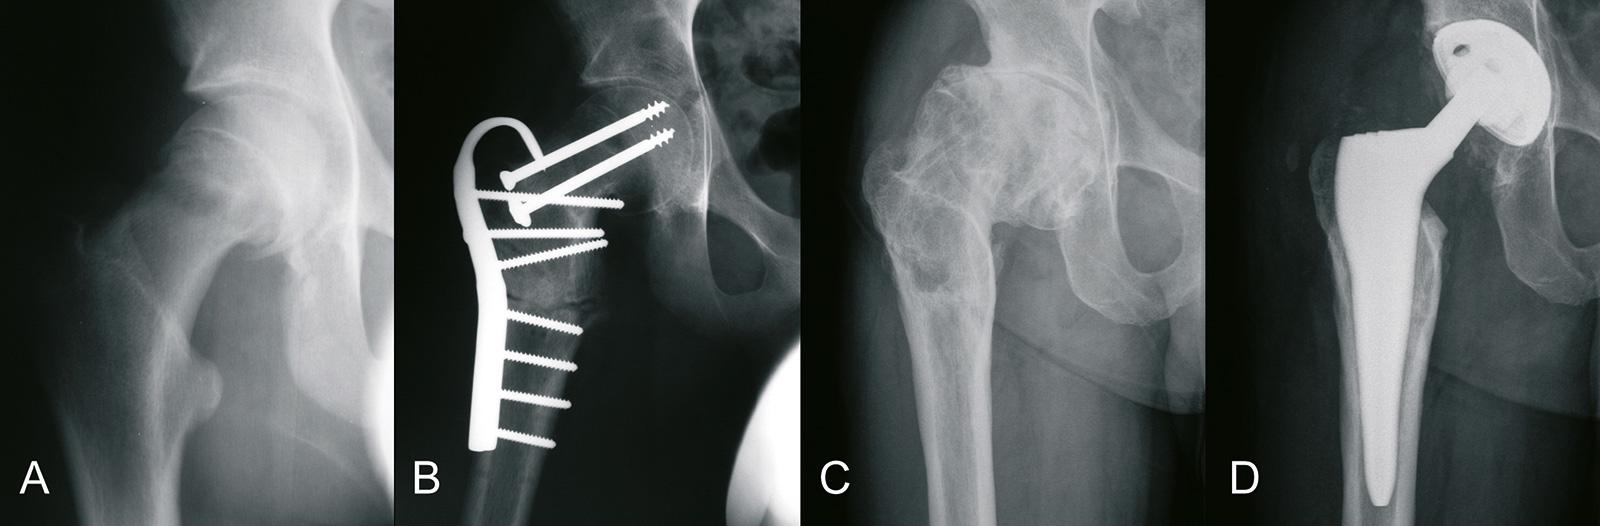 Abb. 4-25: Hüftkopfabrutsch (A), nach Imhäuser-Osteotomie (B), sekundäre Arthrose (C) und Implantation einer zementfreien Individualprothese (D) (Eigentum des Instituts für Klinische Radiologie der Universität Münster)